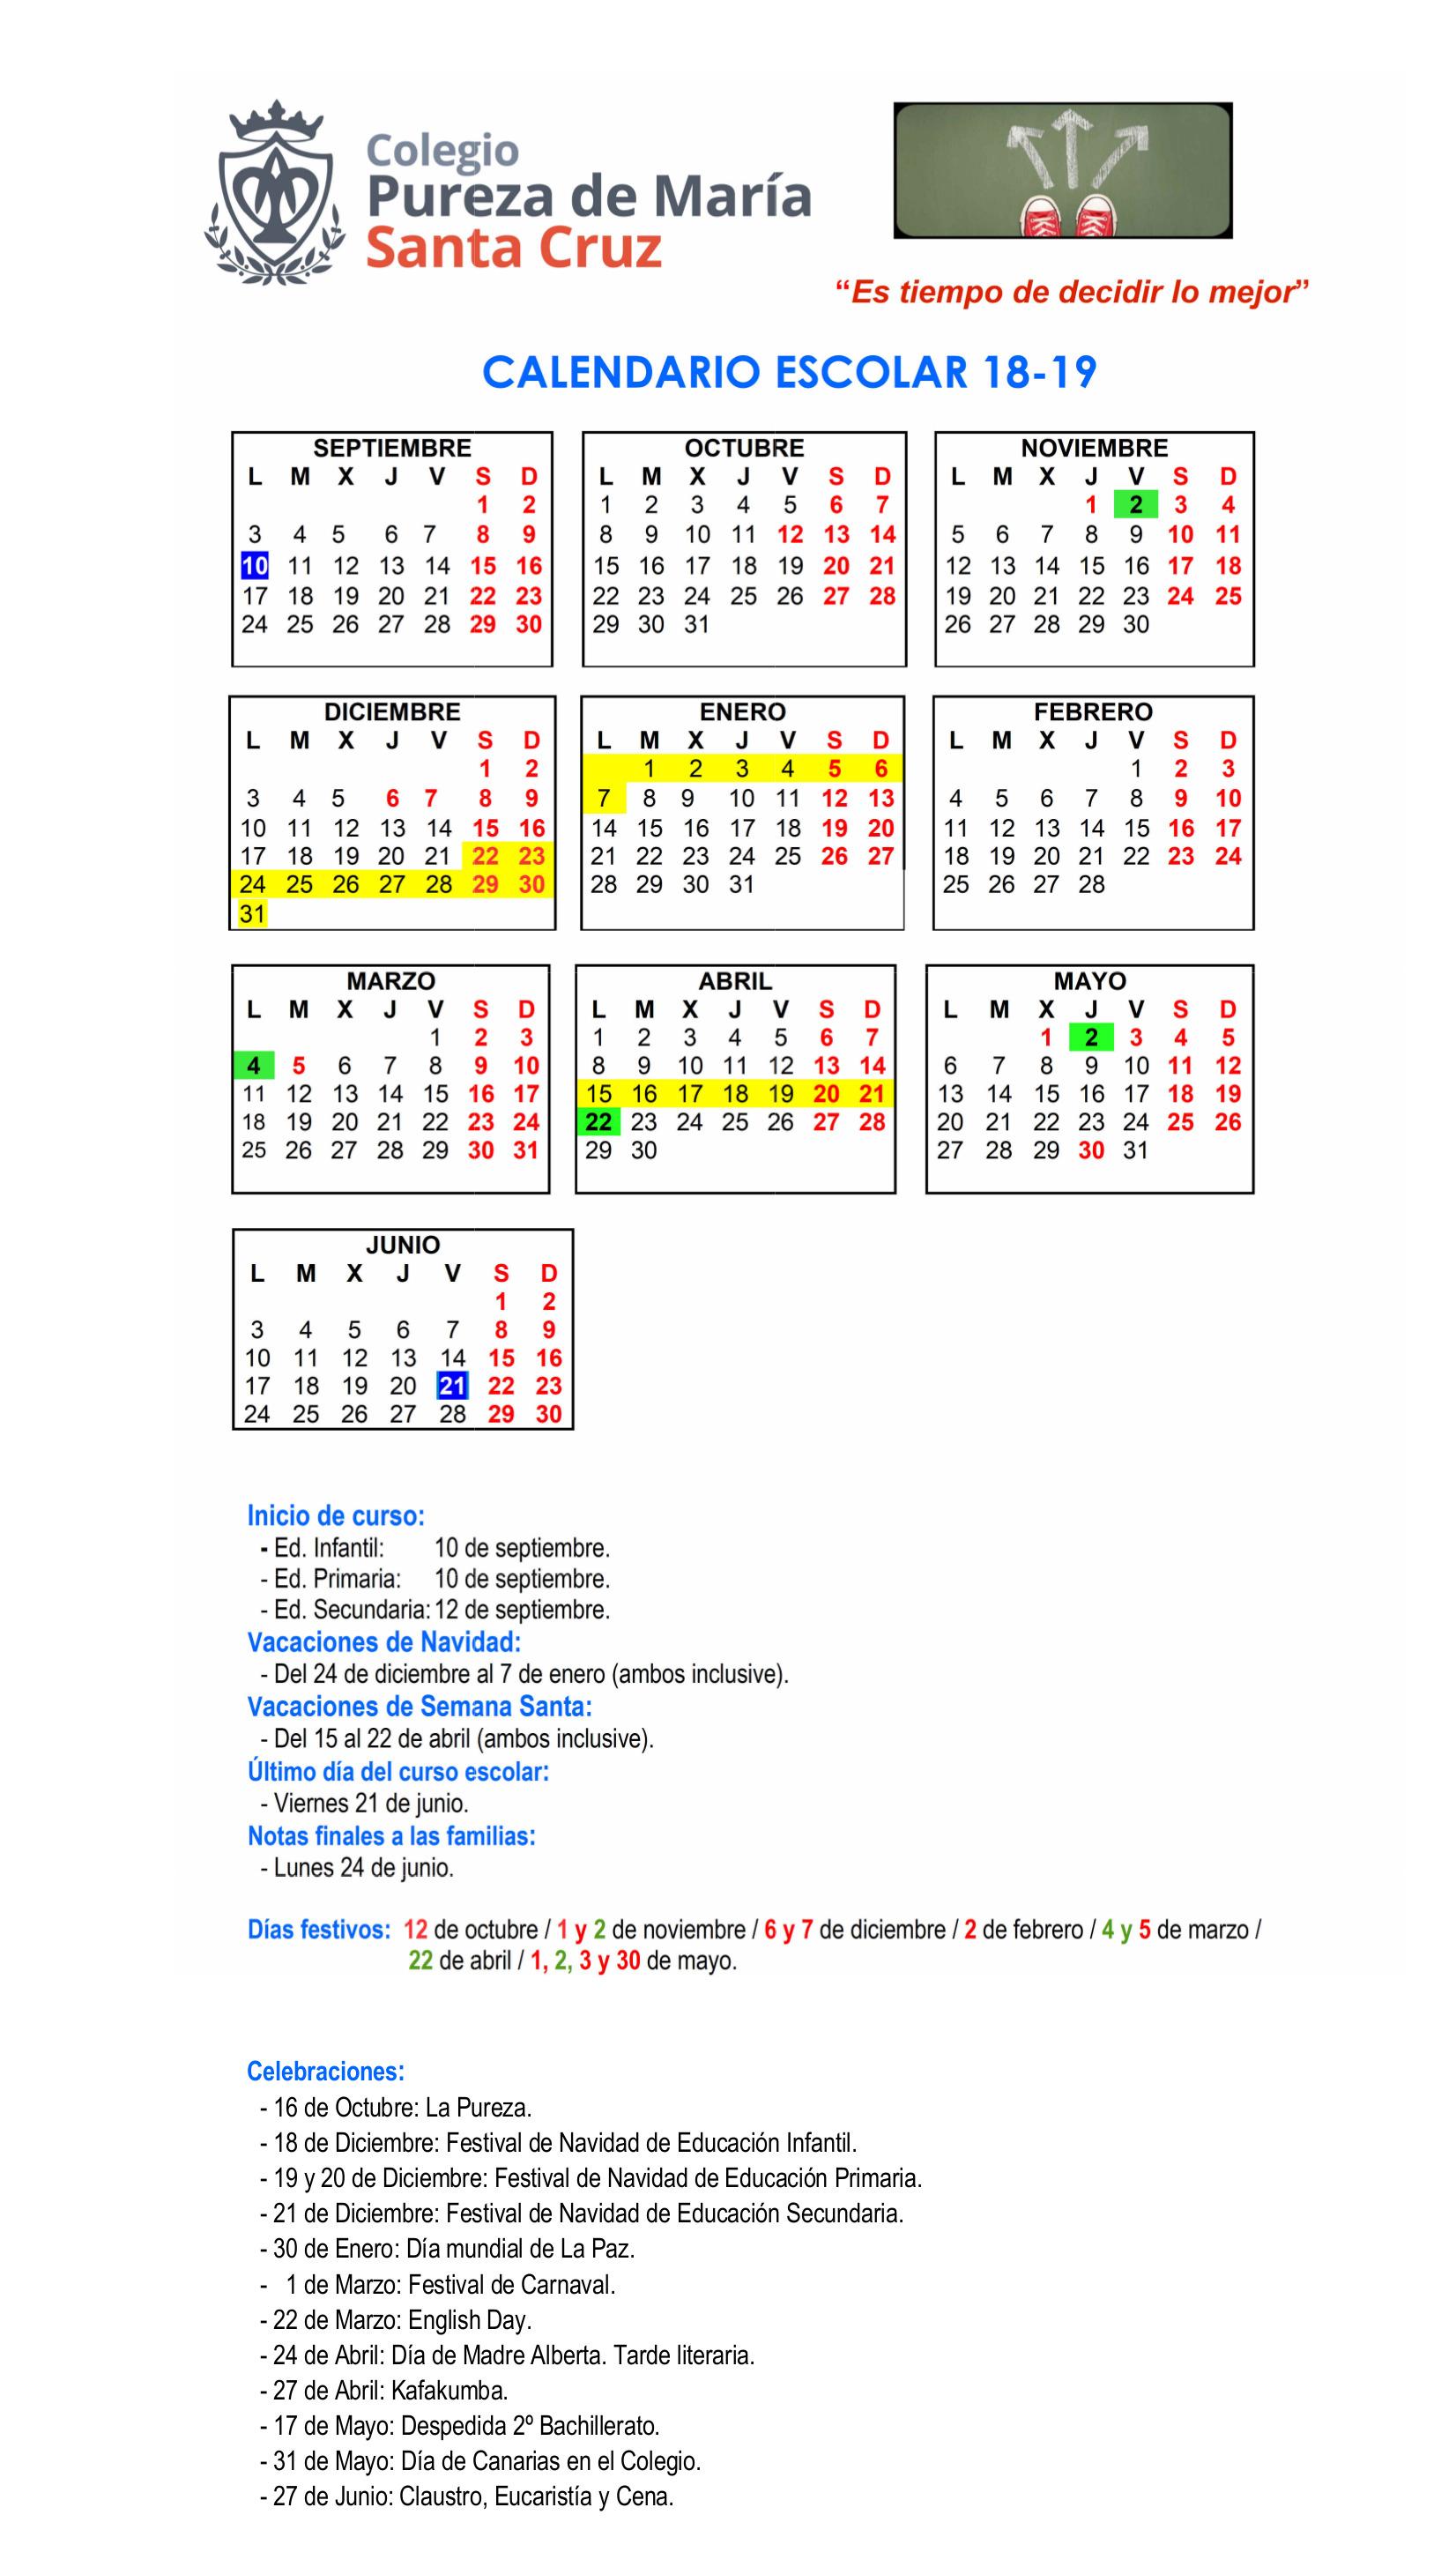 Calendario Escolar 1819.Pureza De Maria Santa Cruz Calendario 18 19